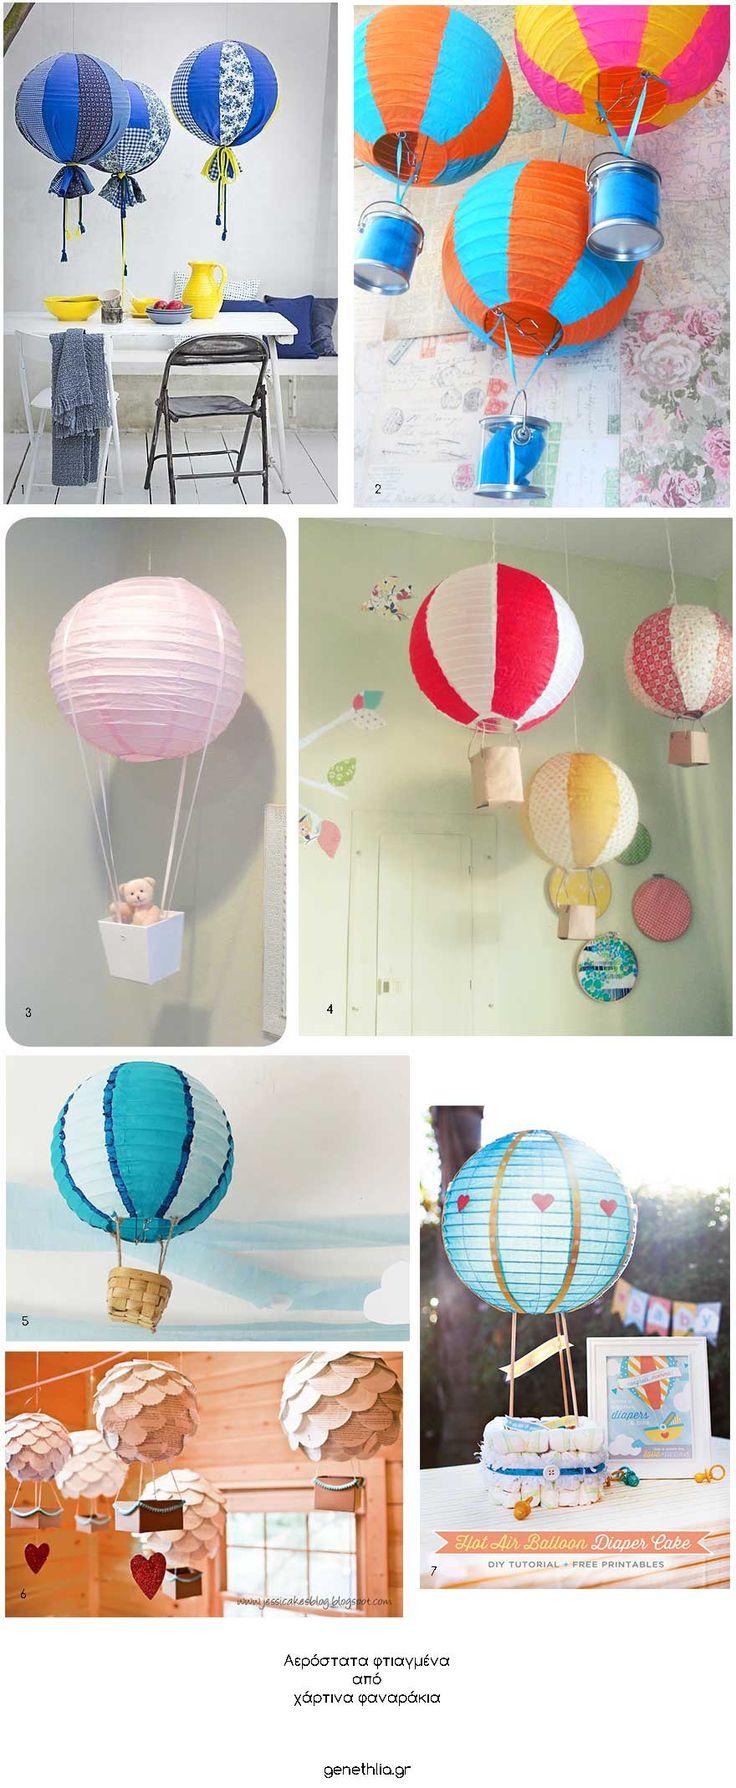 αεροστατα χειροτεχνια απο φαναρακια-air ballon lanterns